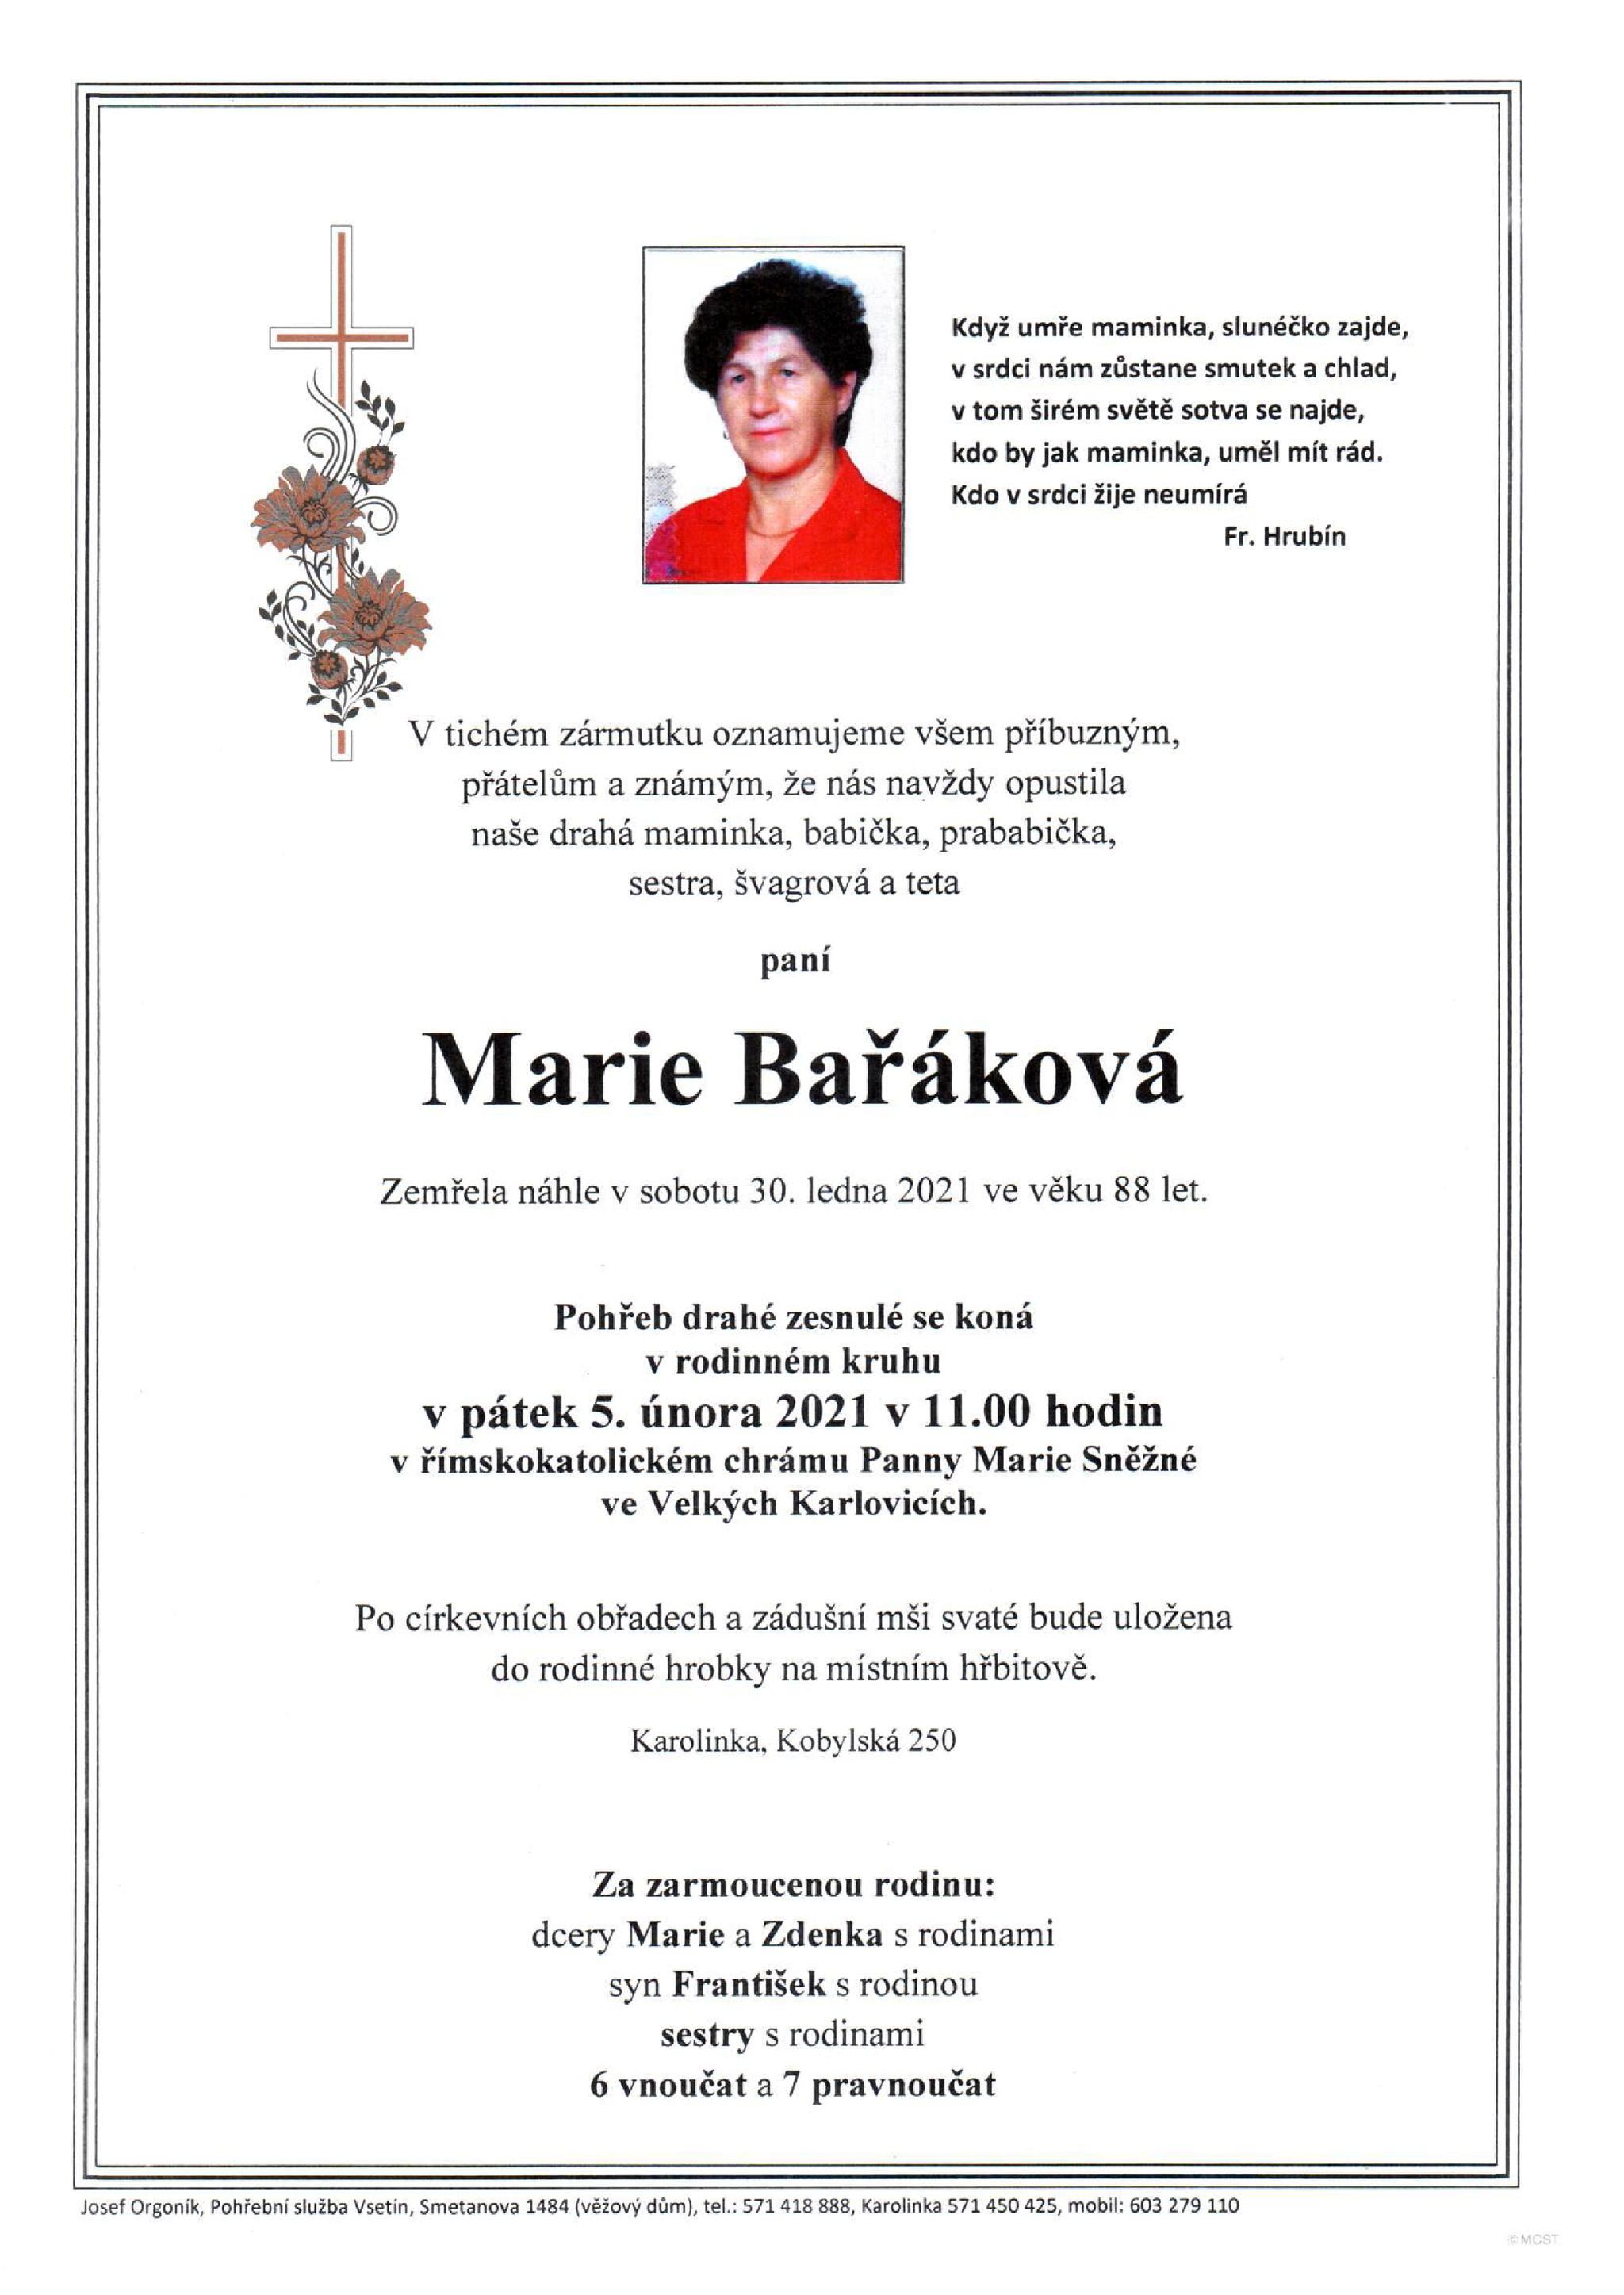 Marie Bařáková